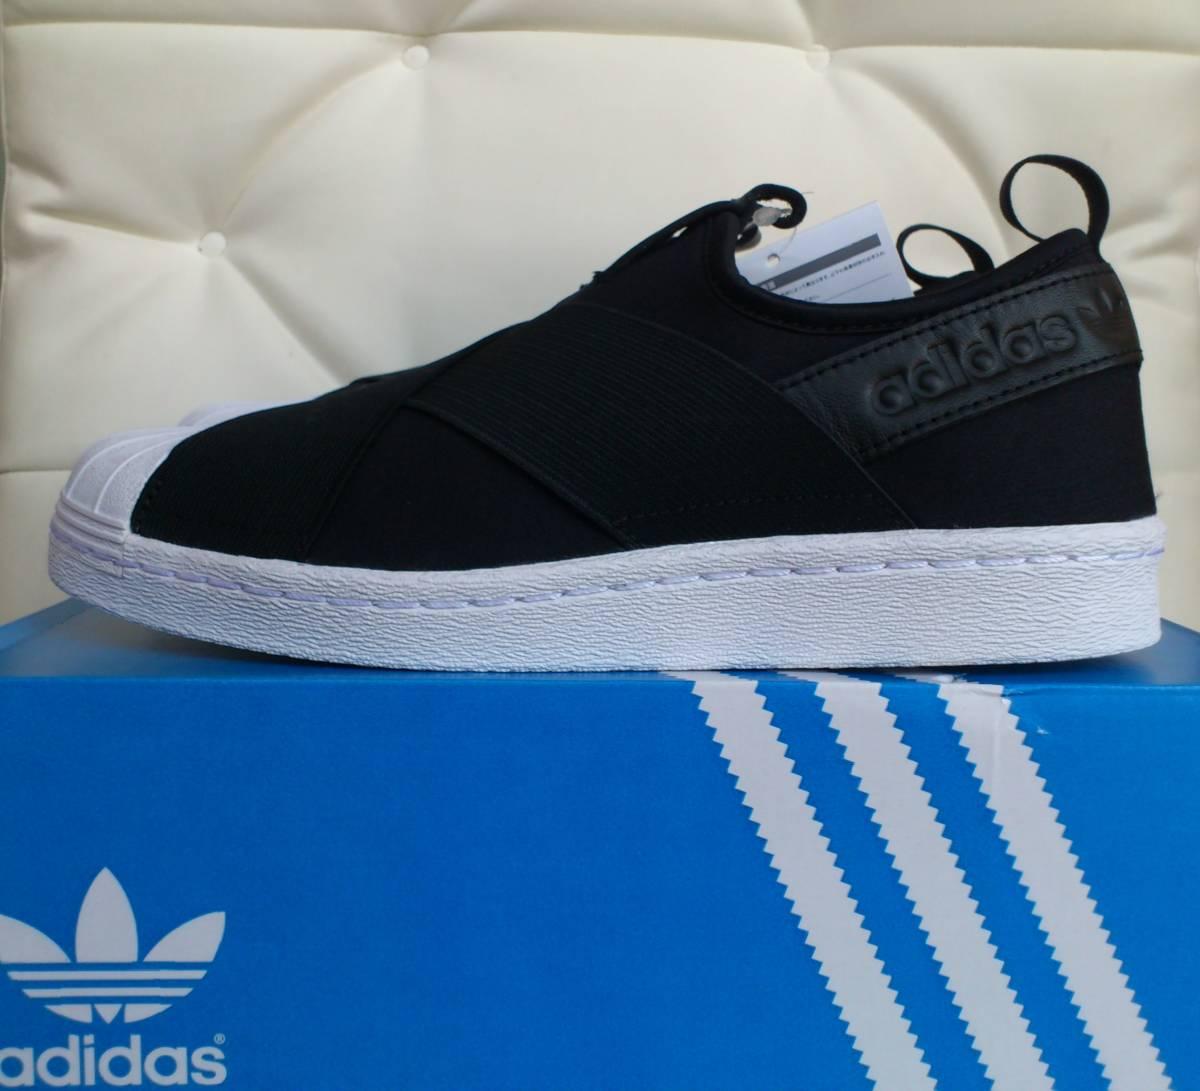 今期・完売 24㎝ アディダスジャパン正規・新品タグ箱付・adidas Originals アディダス オリジナルス・スーパースタースリッポン(S81337)_画像4